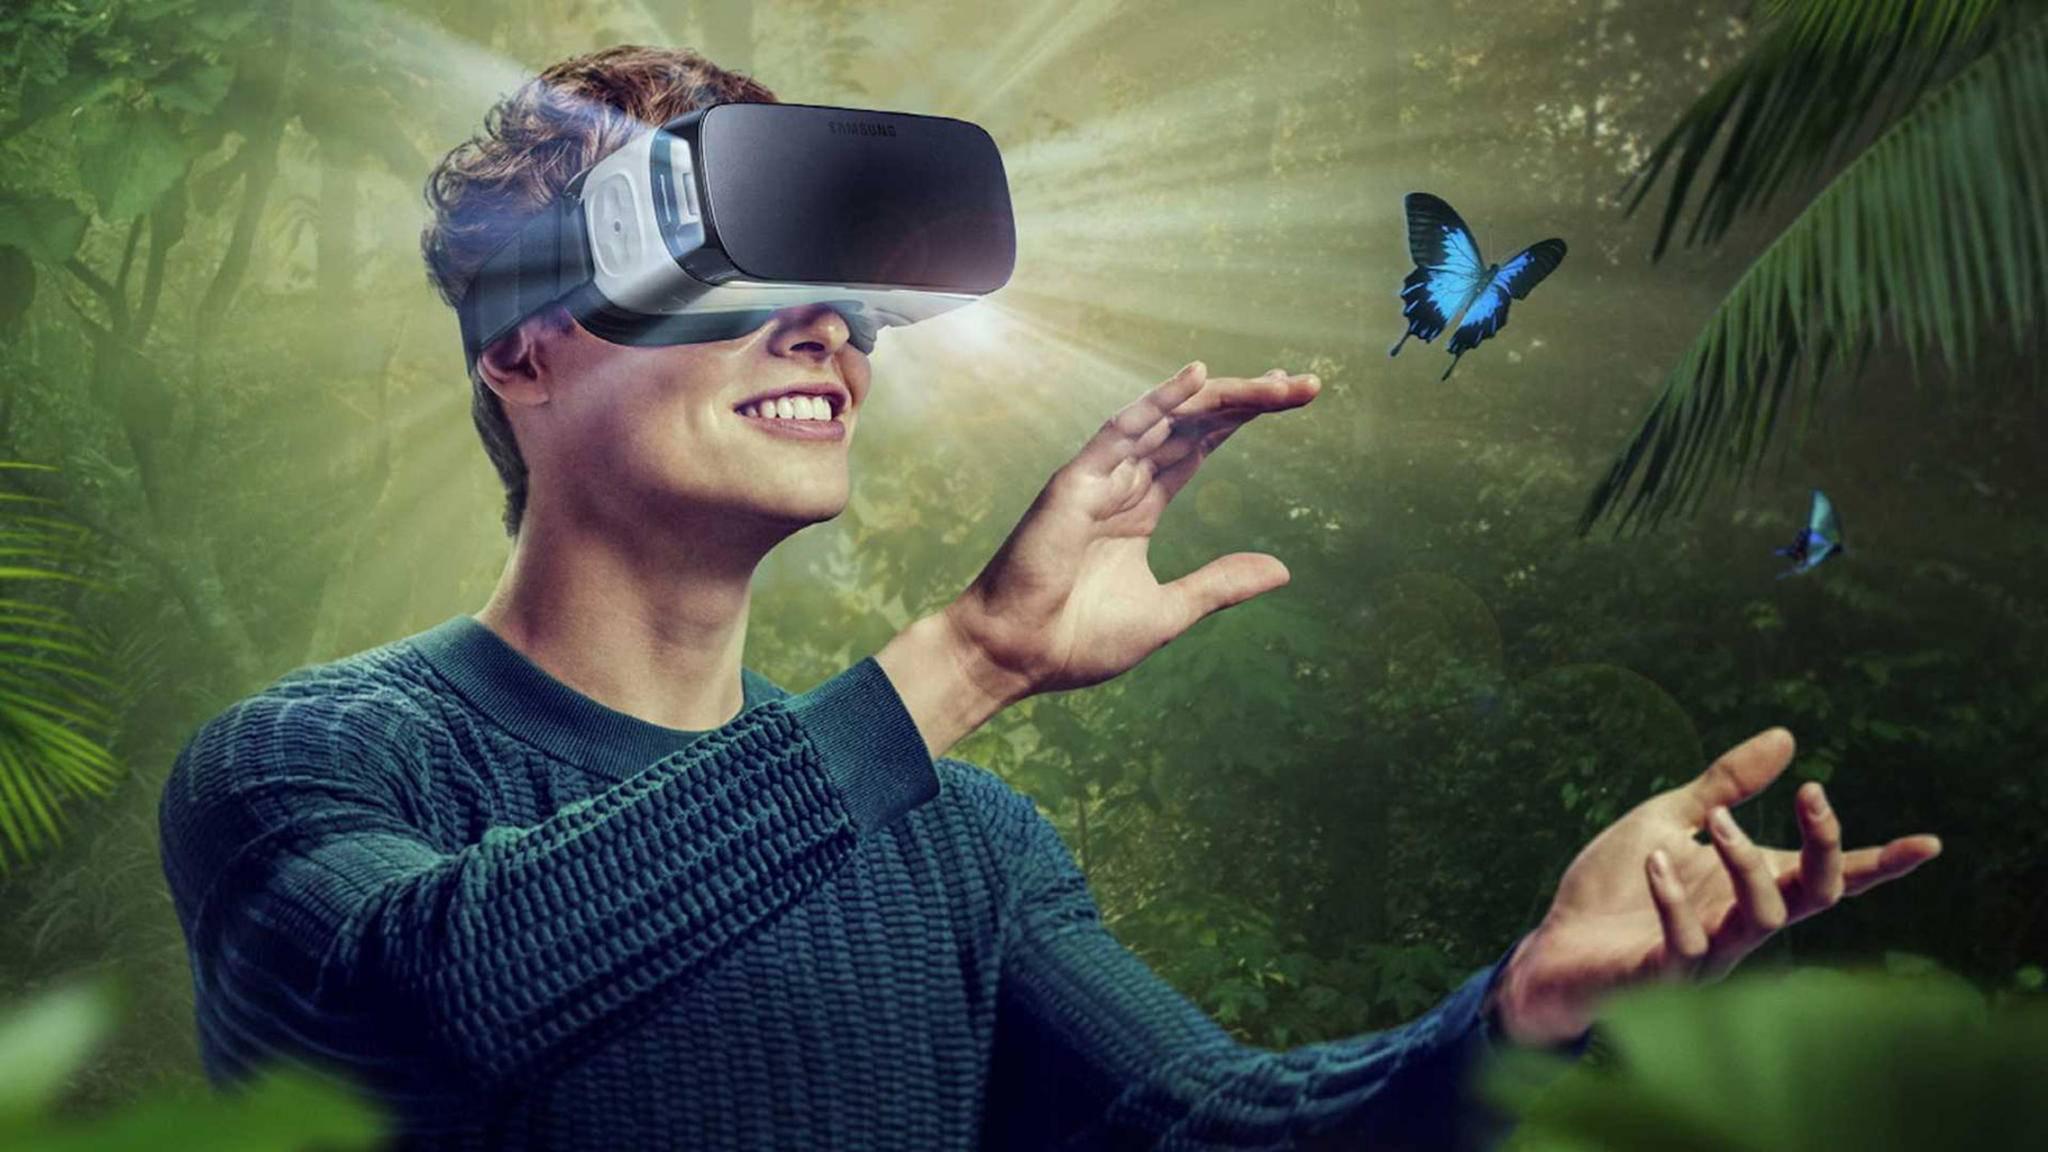 VR-Brillen lassen un in andere Welten eintauchen.